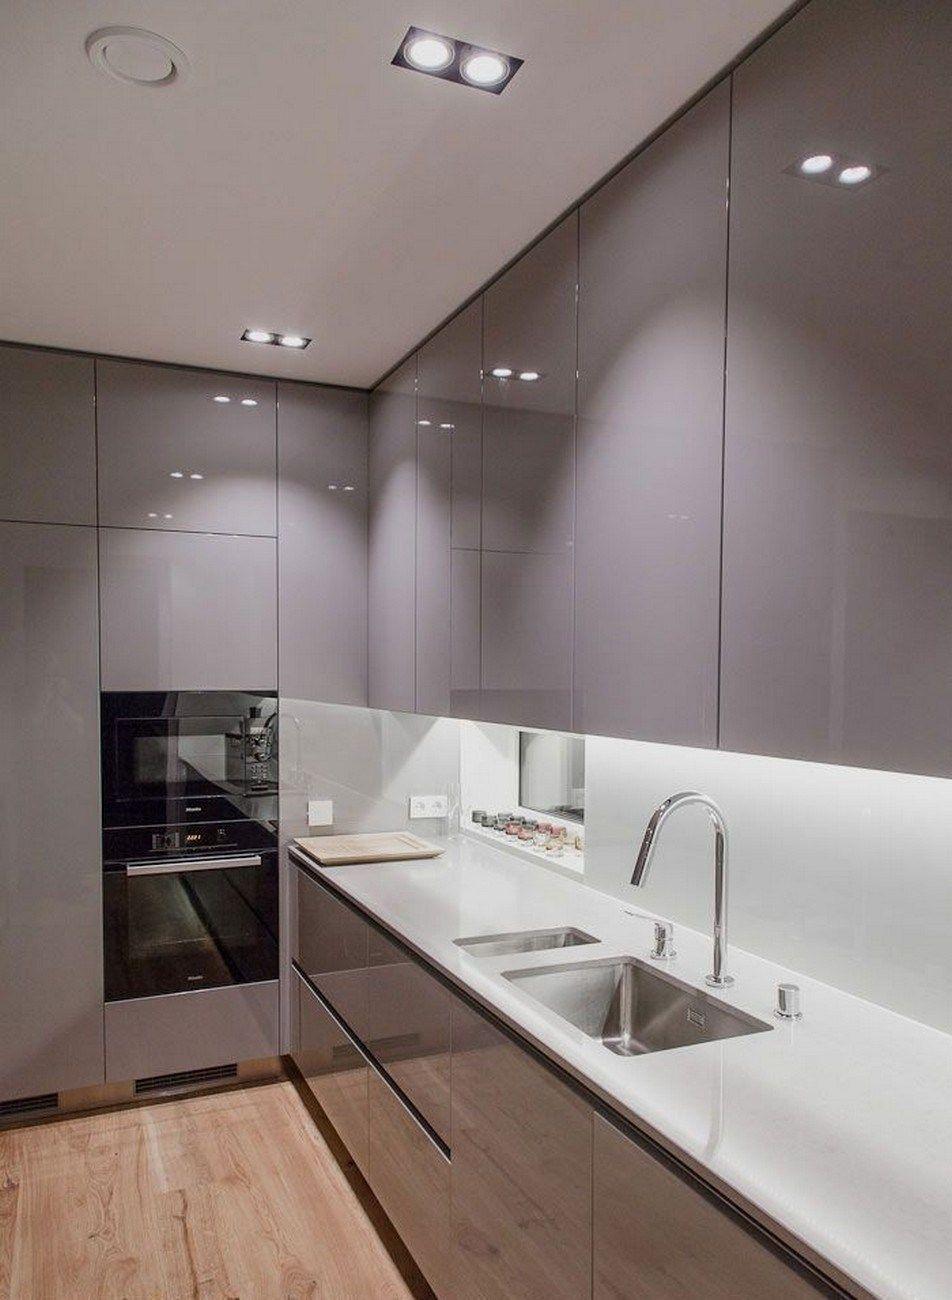 52 Most Beautiful Modern Kitchen Cabinets Ideas 23 Fieltro Net Kitchen Cabinet Design Kitchen Room Design Modern Kitchen Design